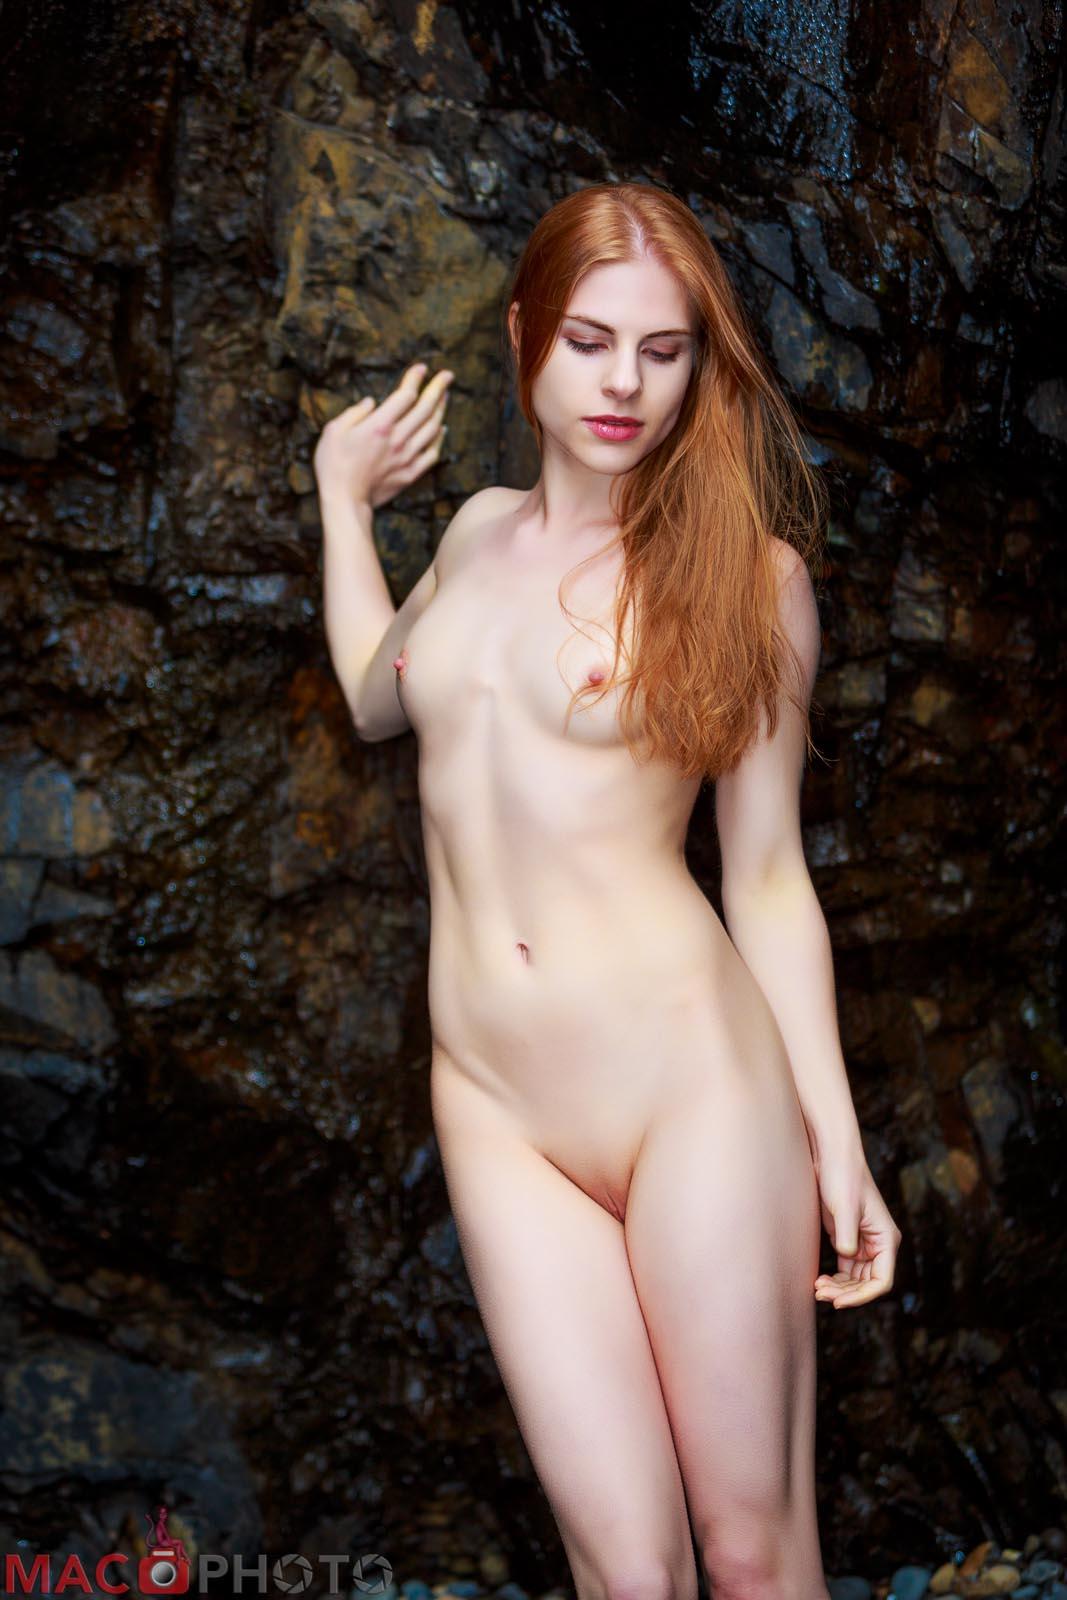 Nude nerdy women ass